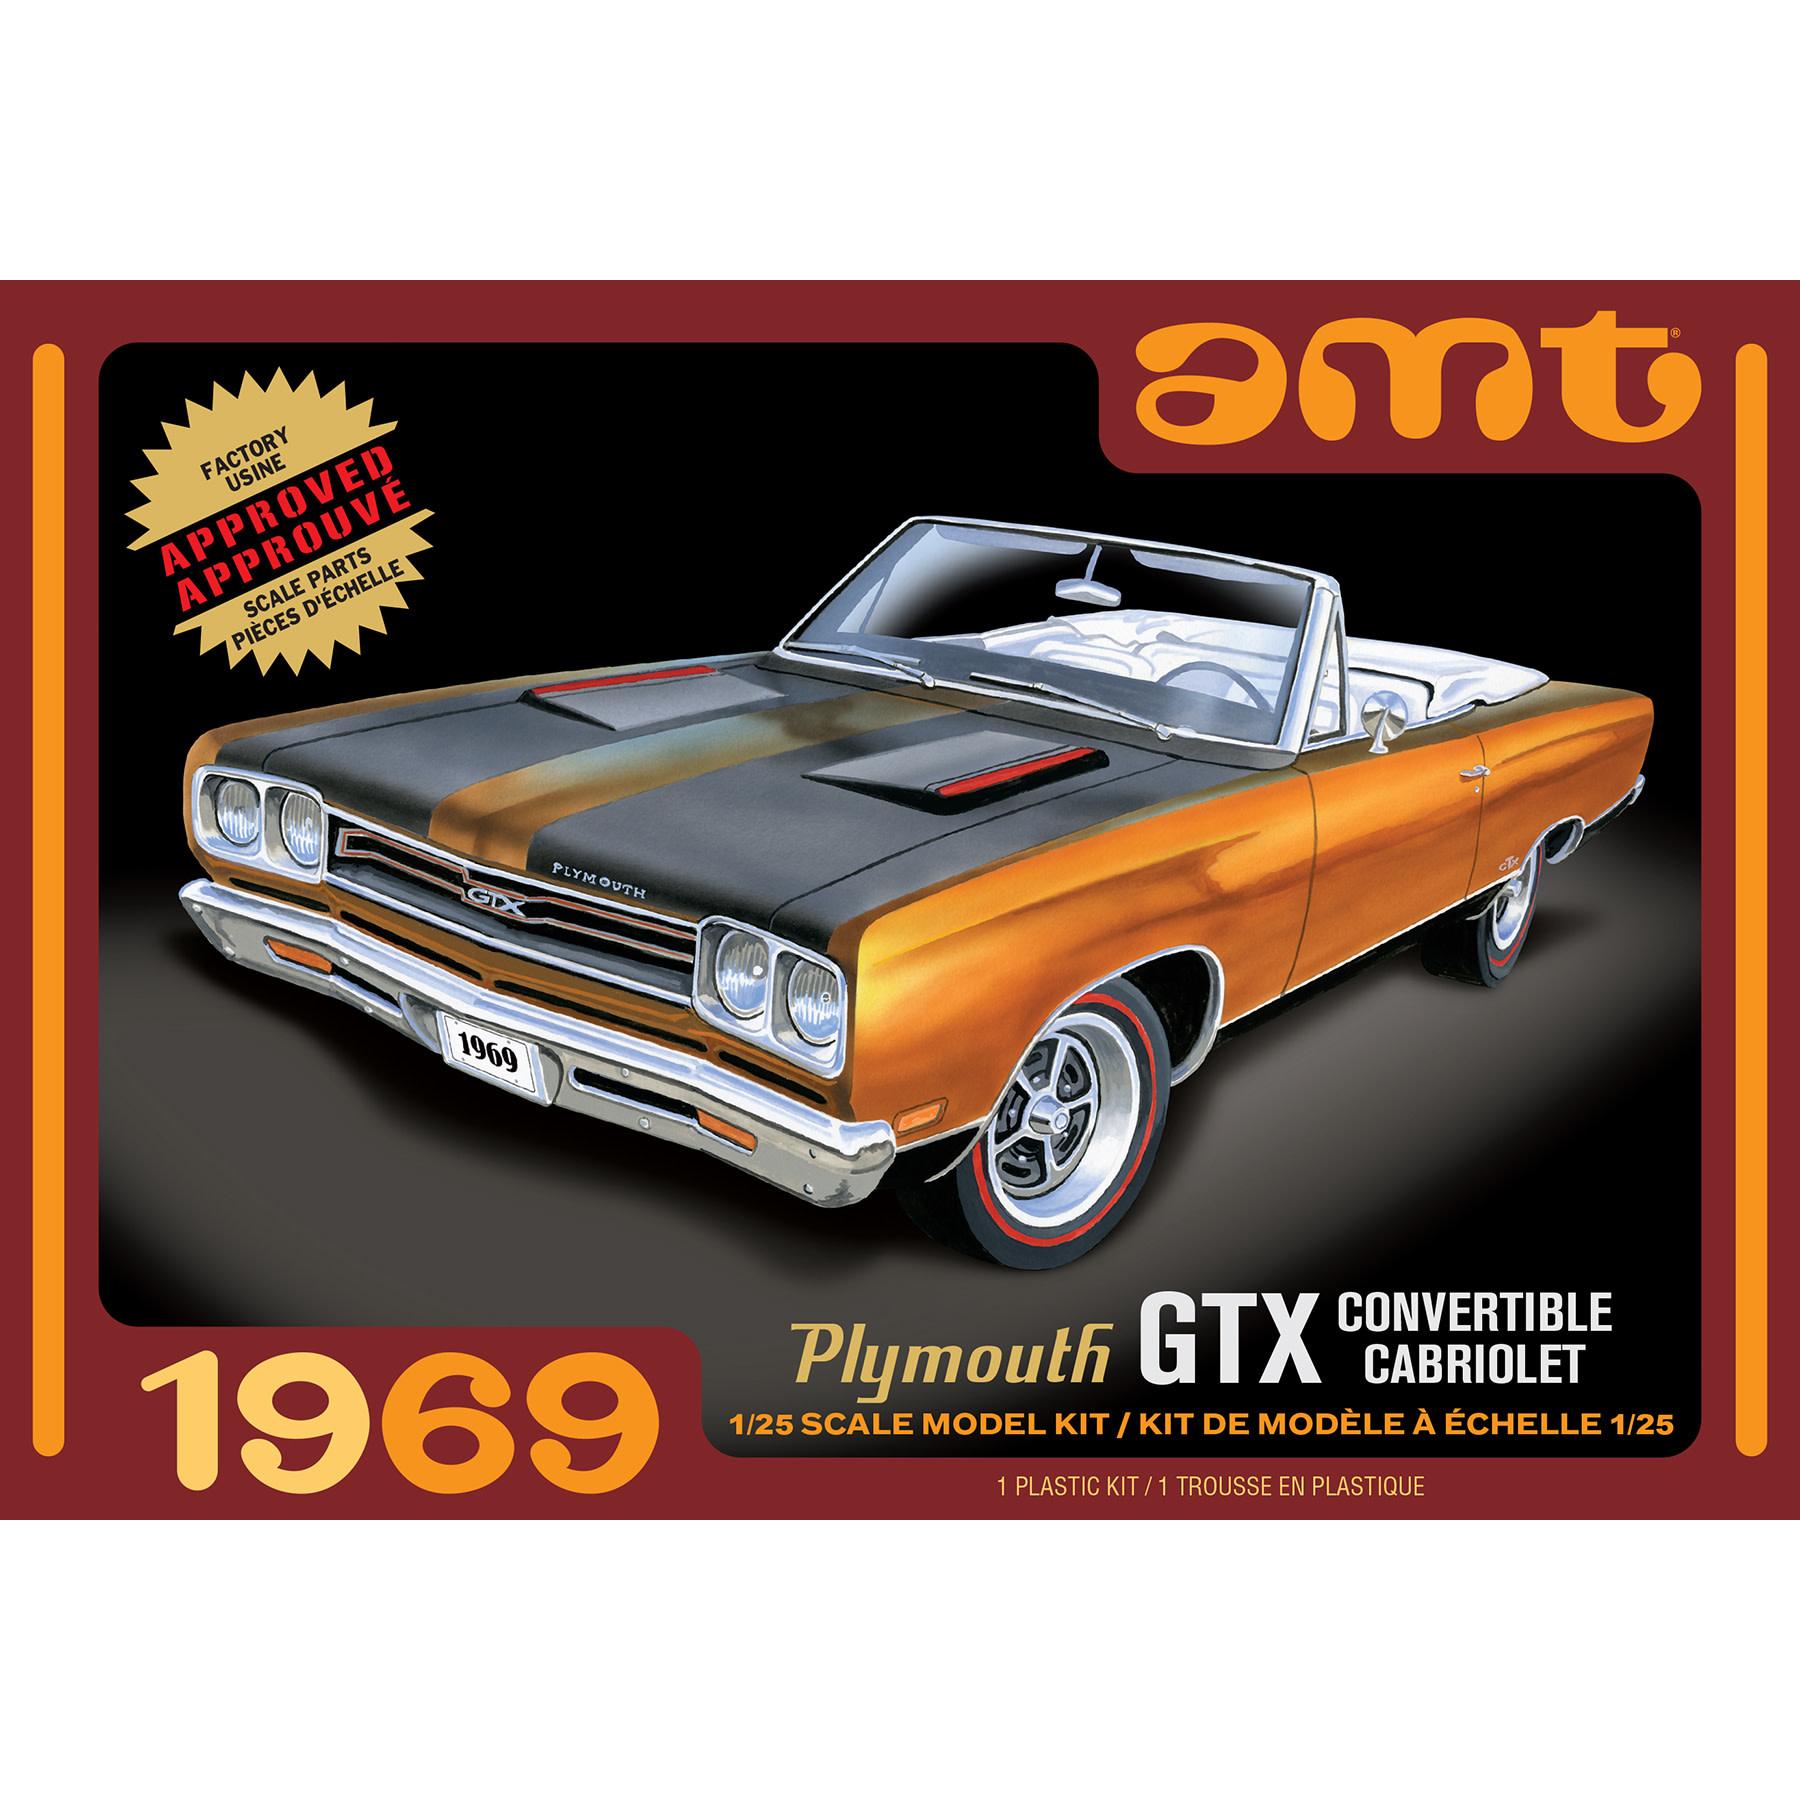 1/25 1969 Plymouth GTX Convertible Car